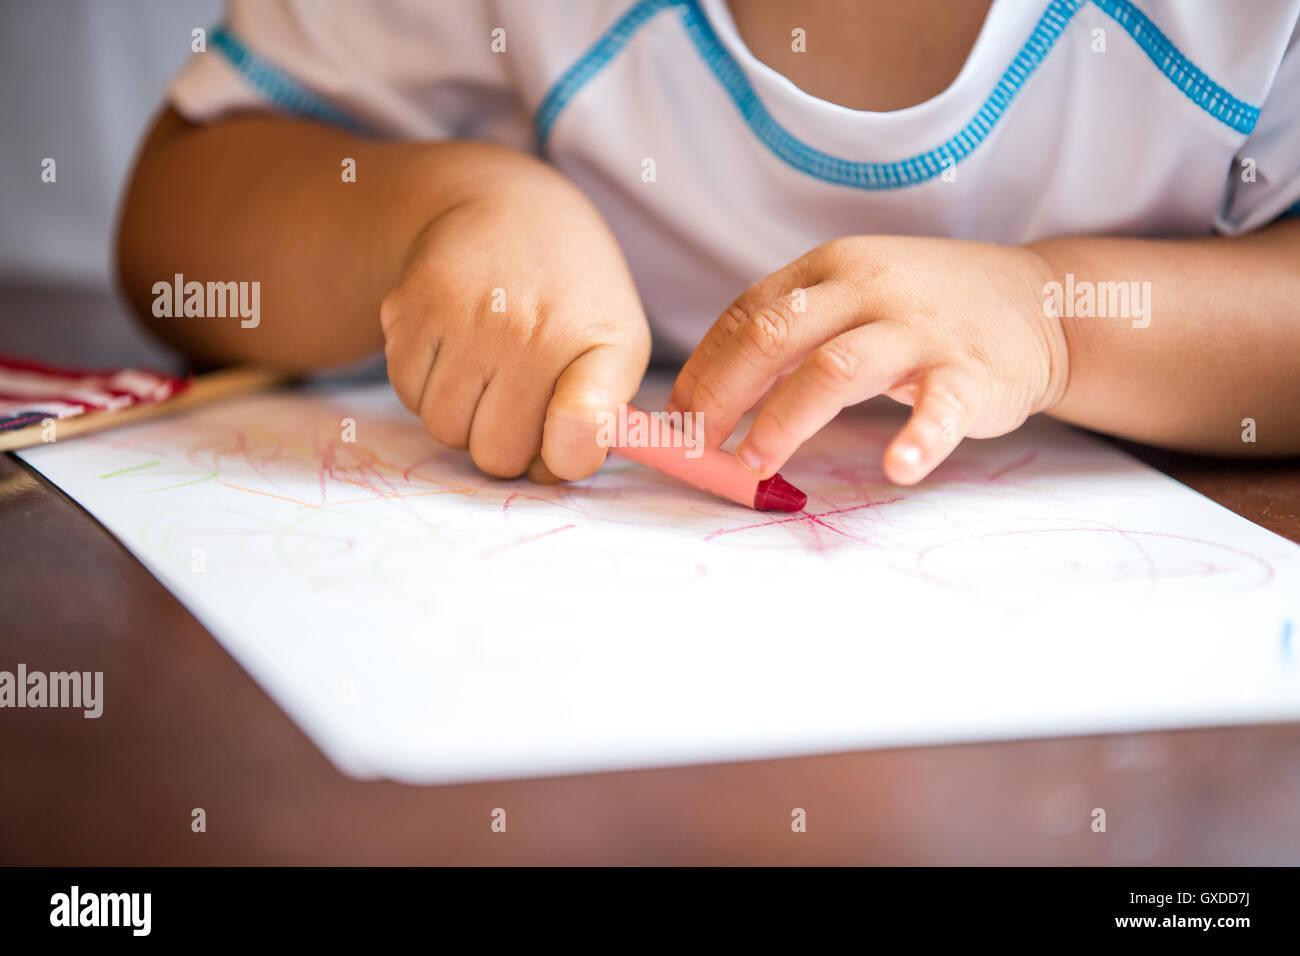 Crayon Stockfotos & Crayon Bilder - Alamy